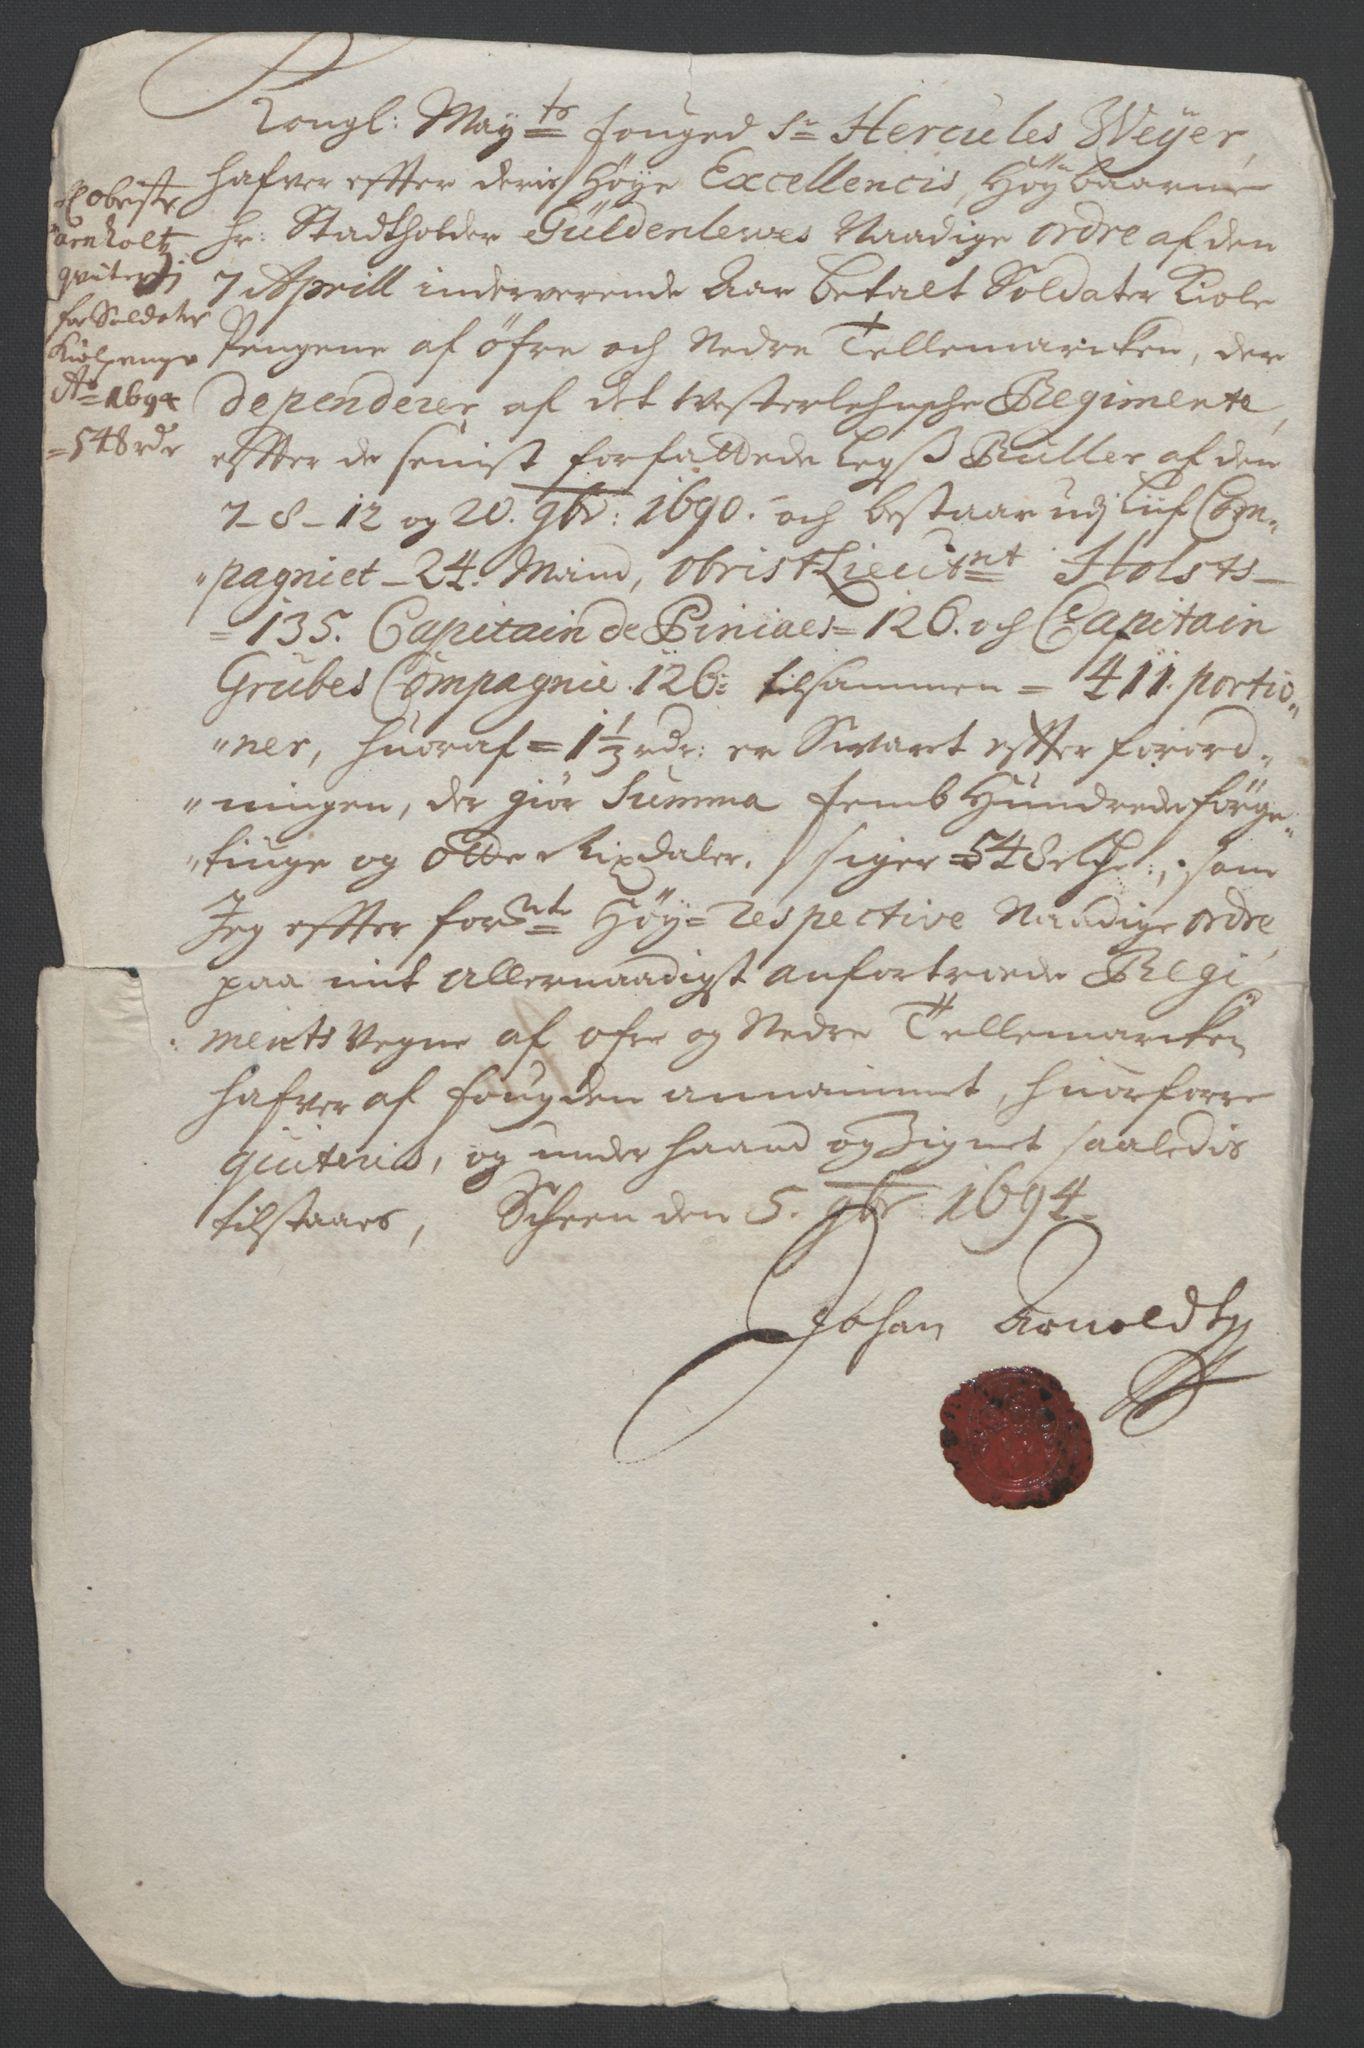 RA, Rentekammeret inntil 1814, Reviderte regnskaper, Fogderegnskap, R36/L2092: Fogderegnskap Øvre og Nedre Telemark og Bamble, 1694, s. 139